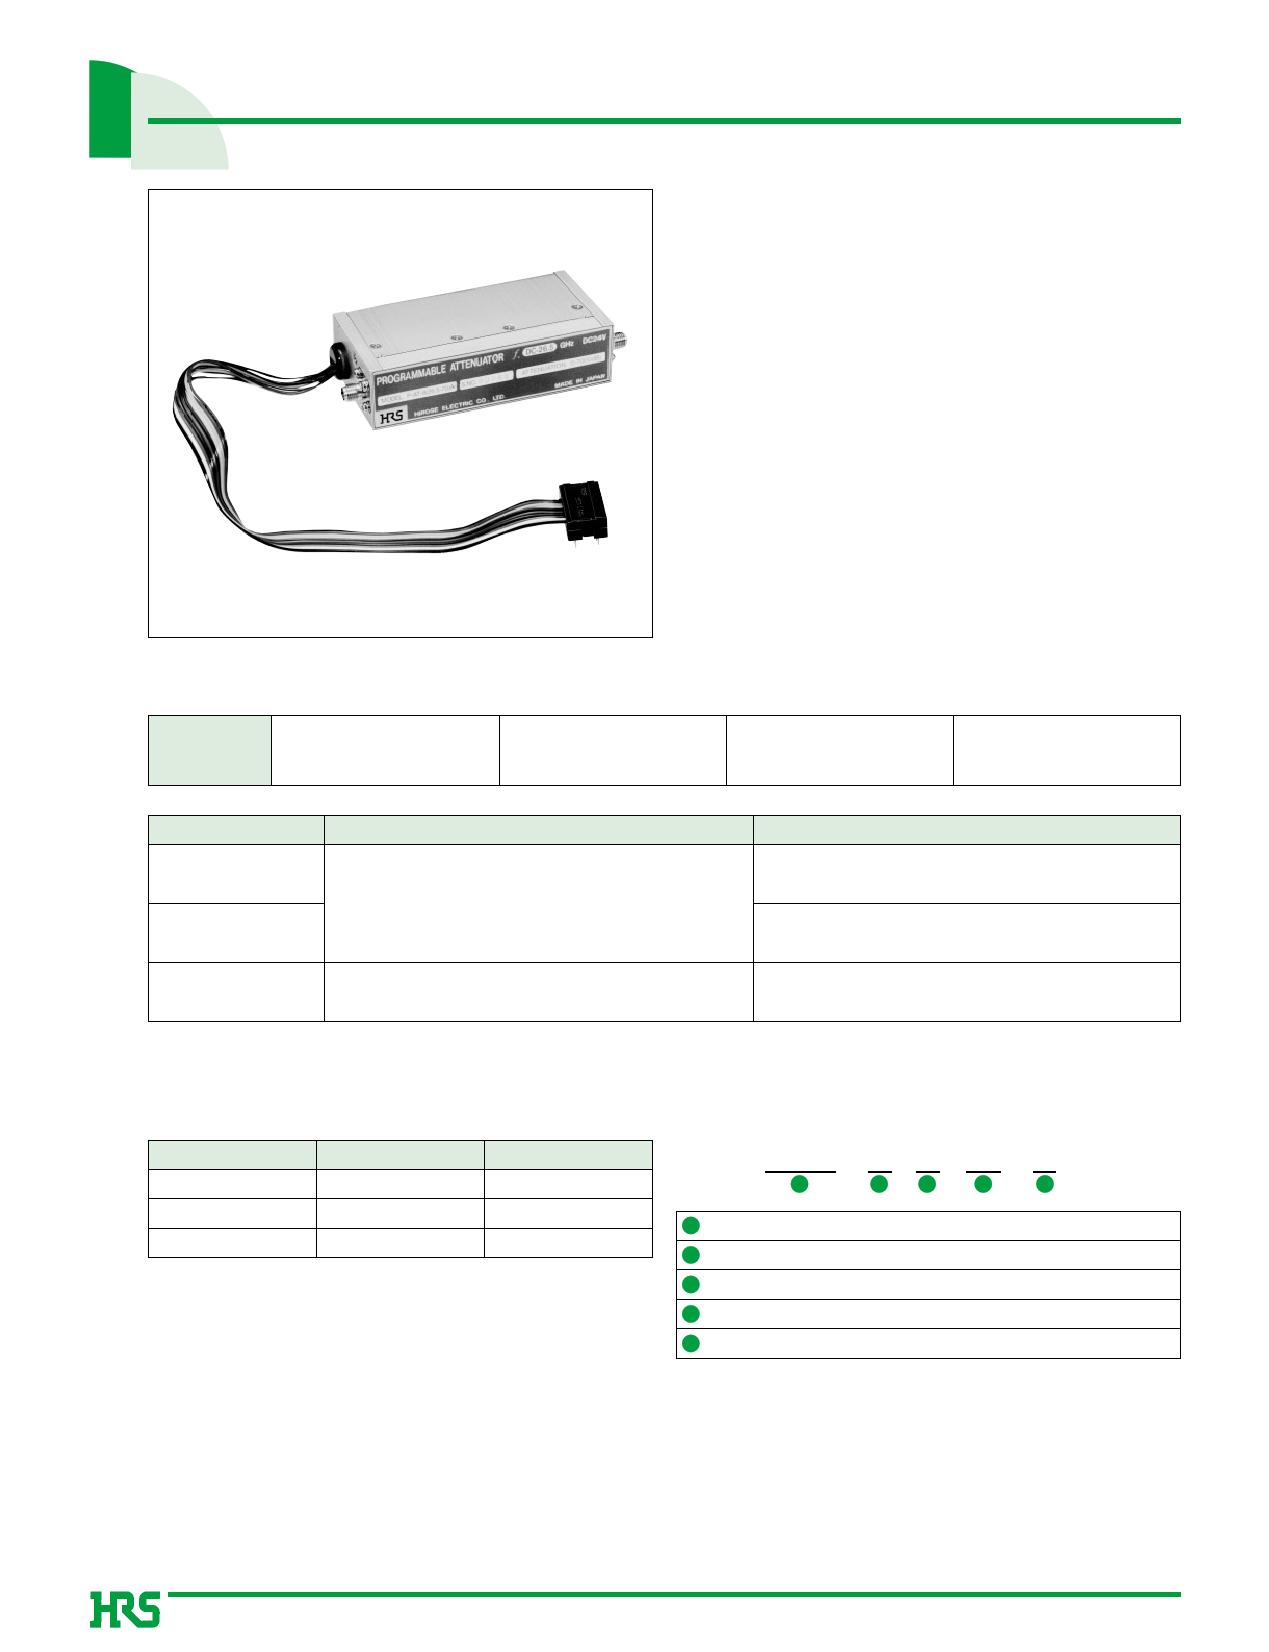 P-AT-7(8-75)A datasheet